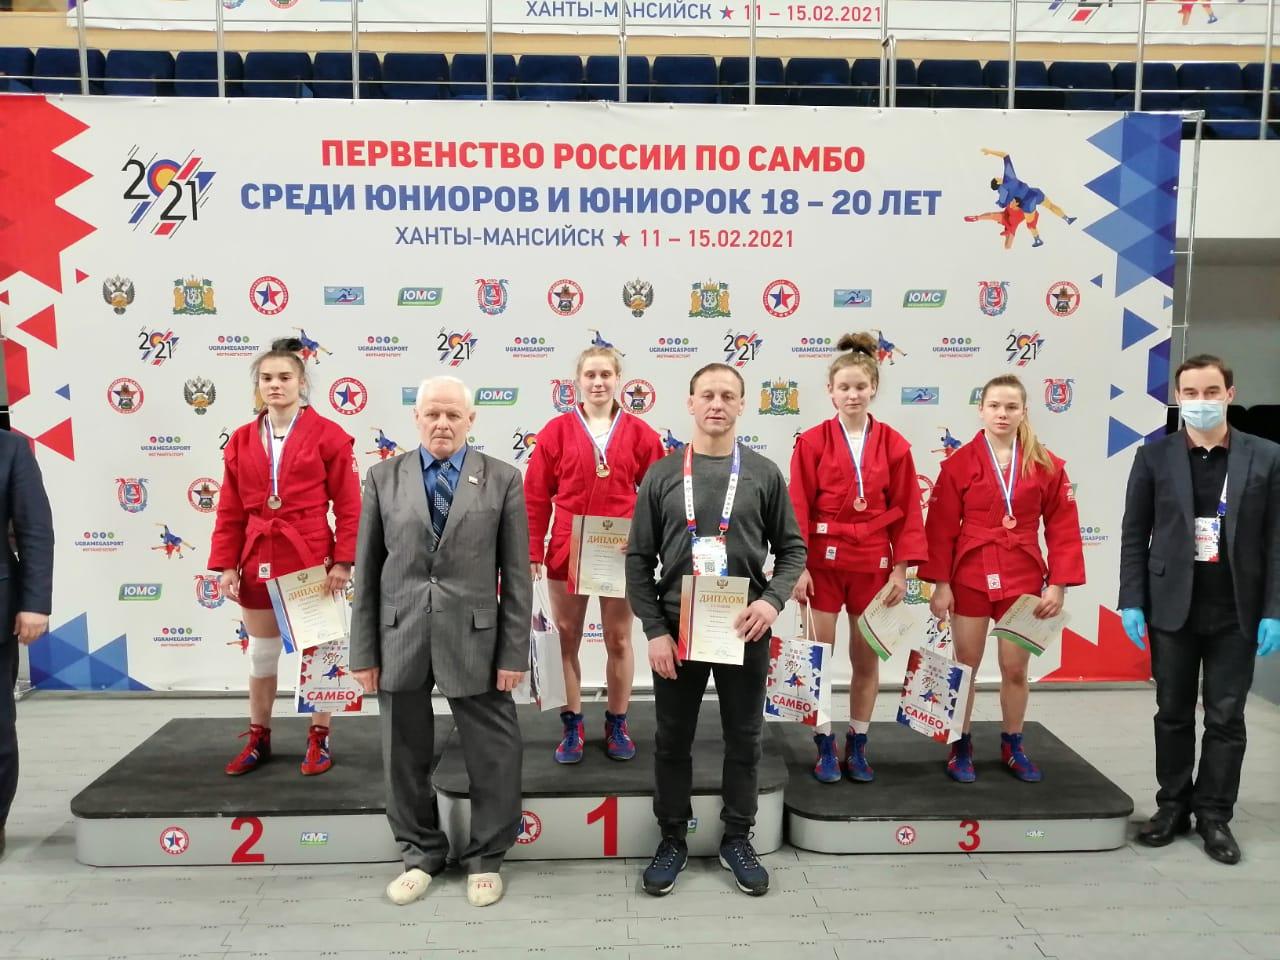 Выксунки победили на первенстве России по самбо